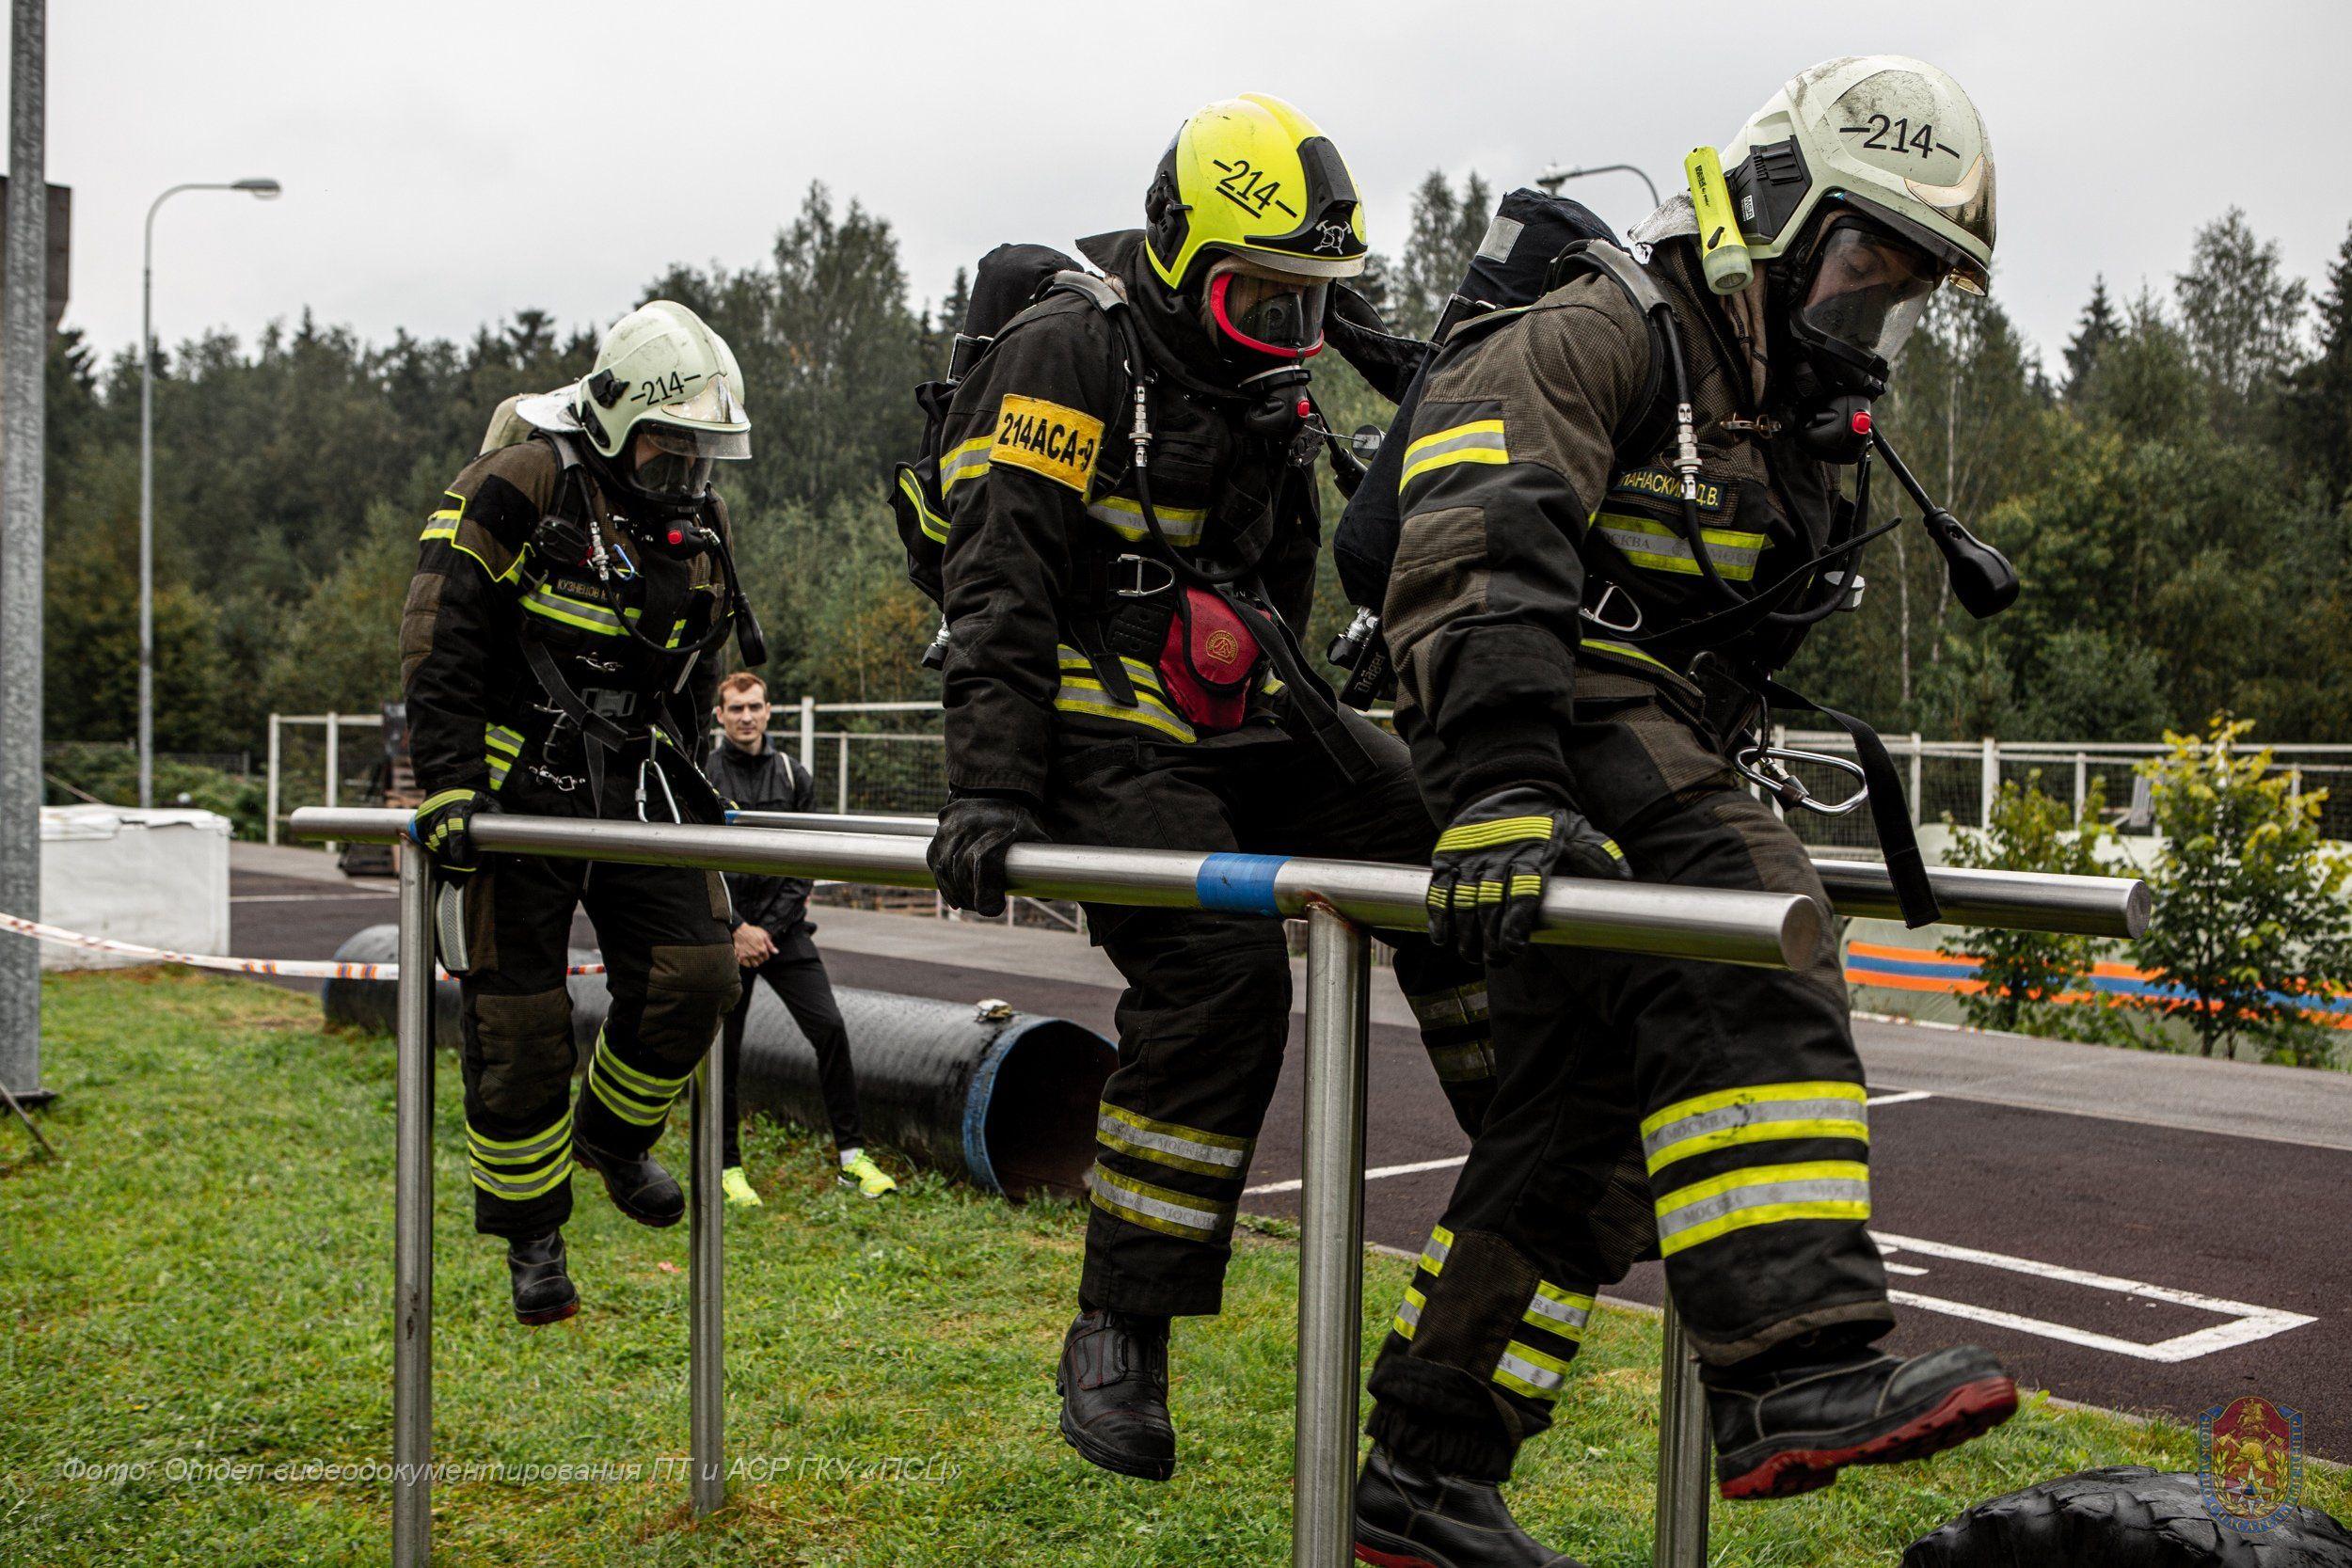 В Пожарно-спасательном центре определили лучших в спасении людей из задымленного помещения